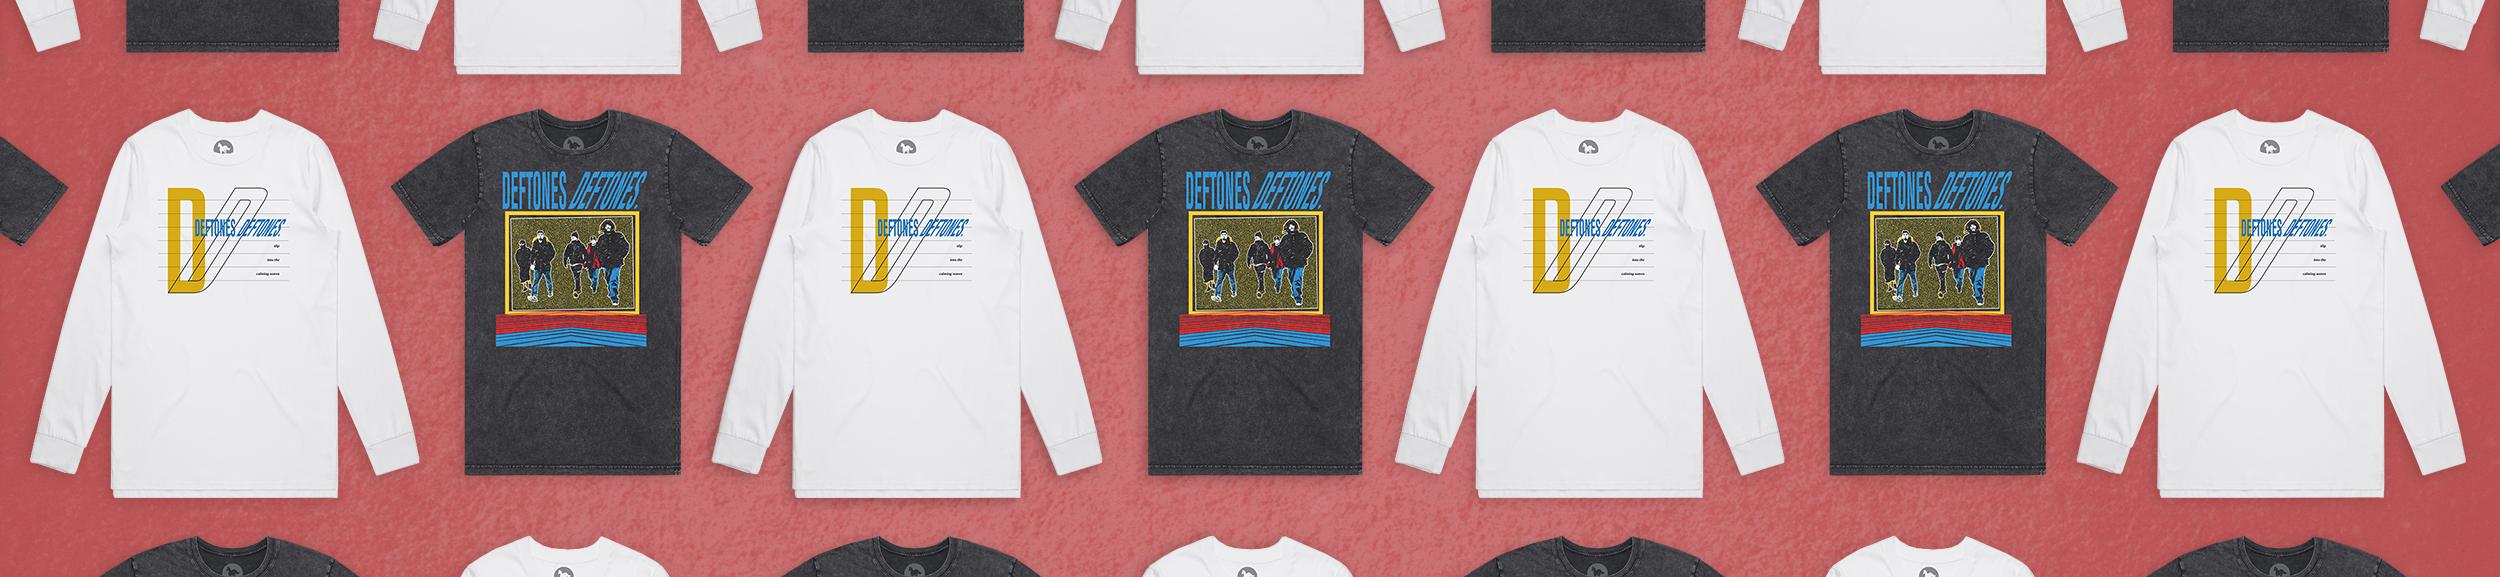 Deftones Official Merchandise - Shop Now!